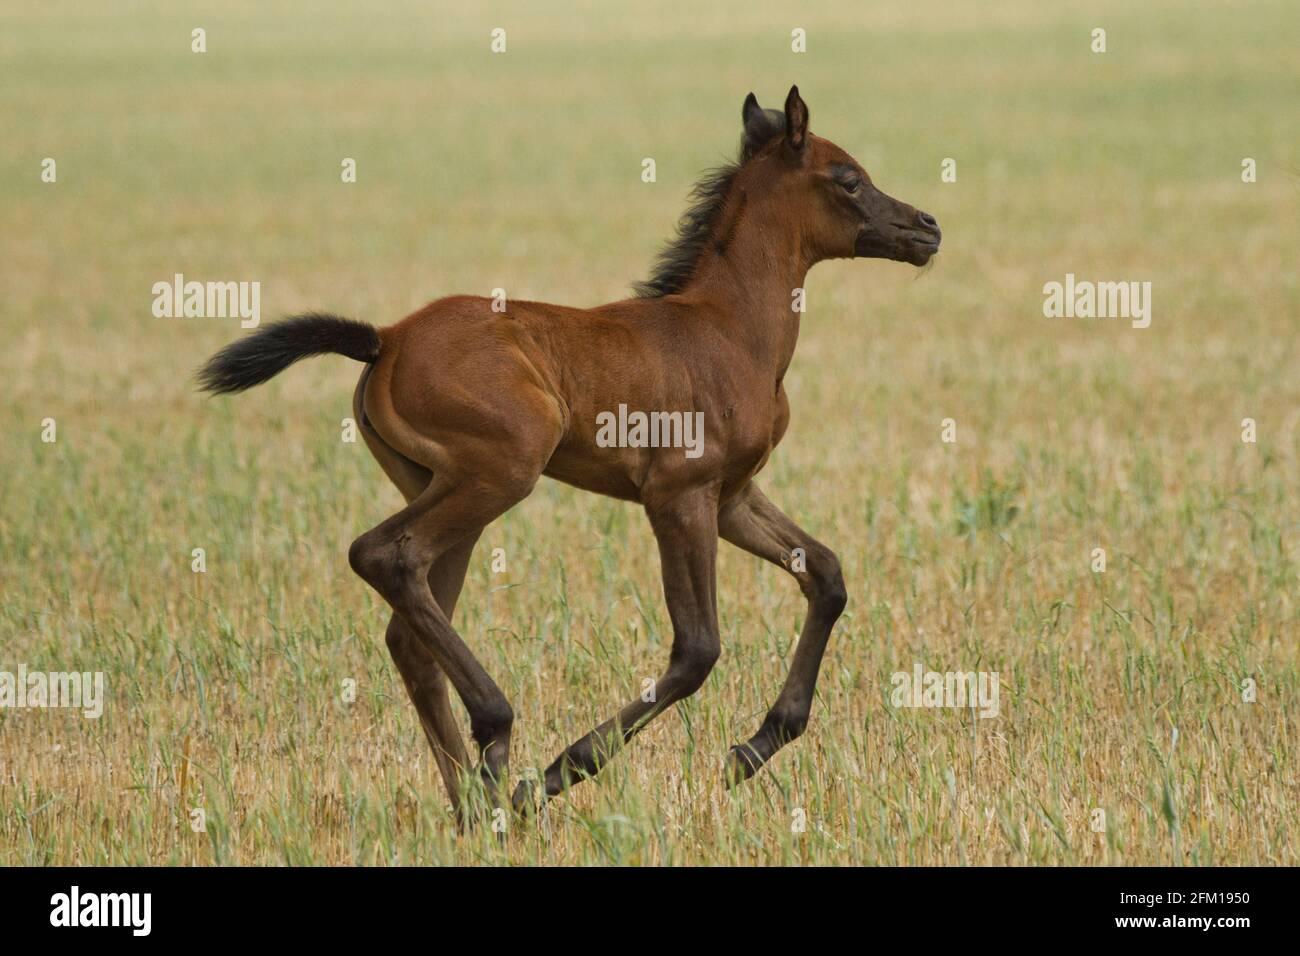 Castaño Arábigo Foal El caballo árabe o árabe es una raza de caballo que se originó en la Península Arábiga. Con una forma distintiva de la cabeza y una t alta Foto de stock